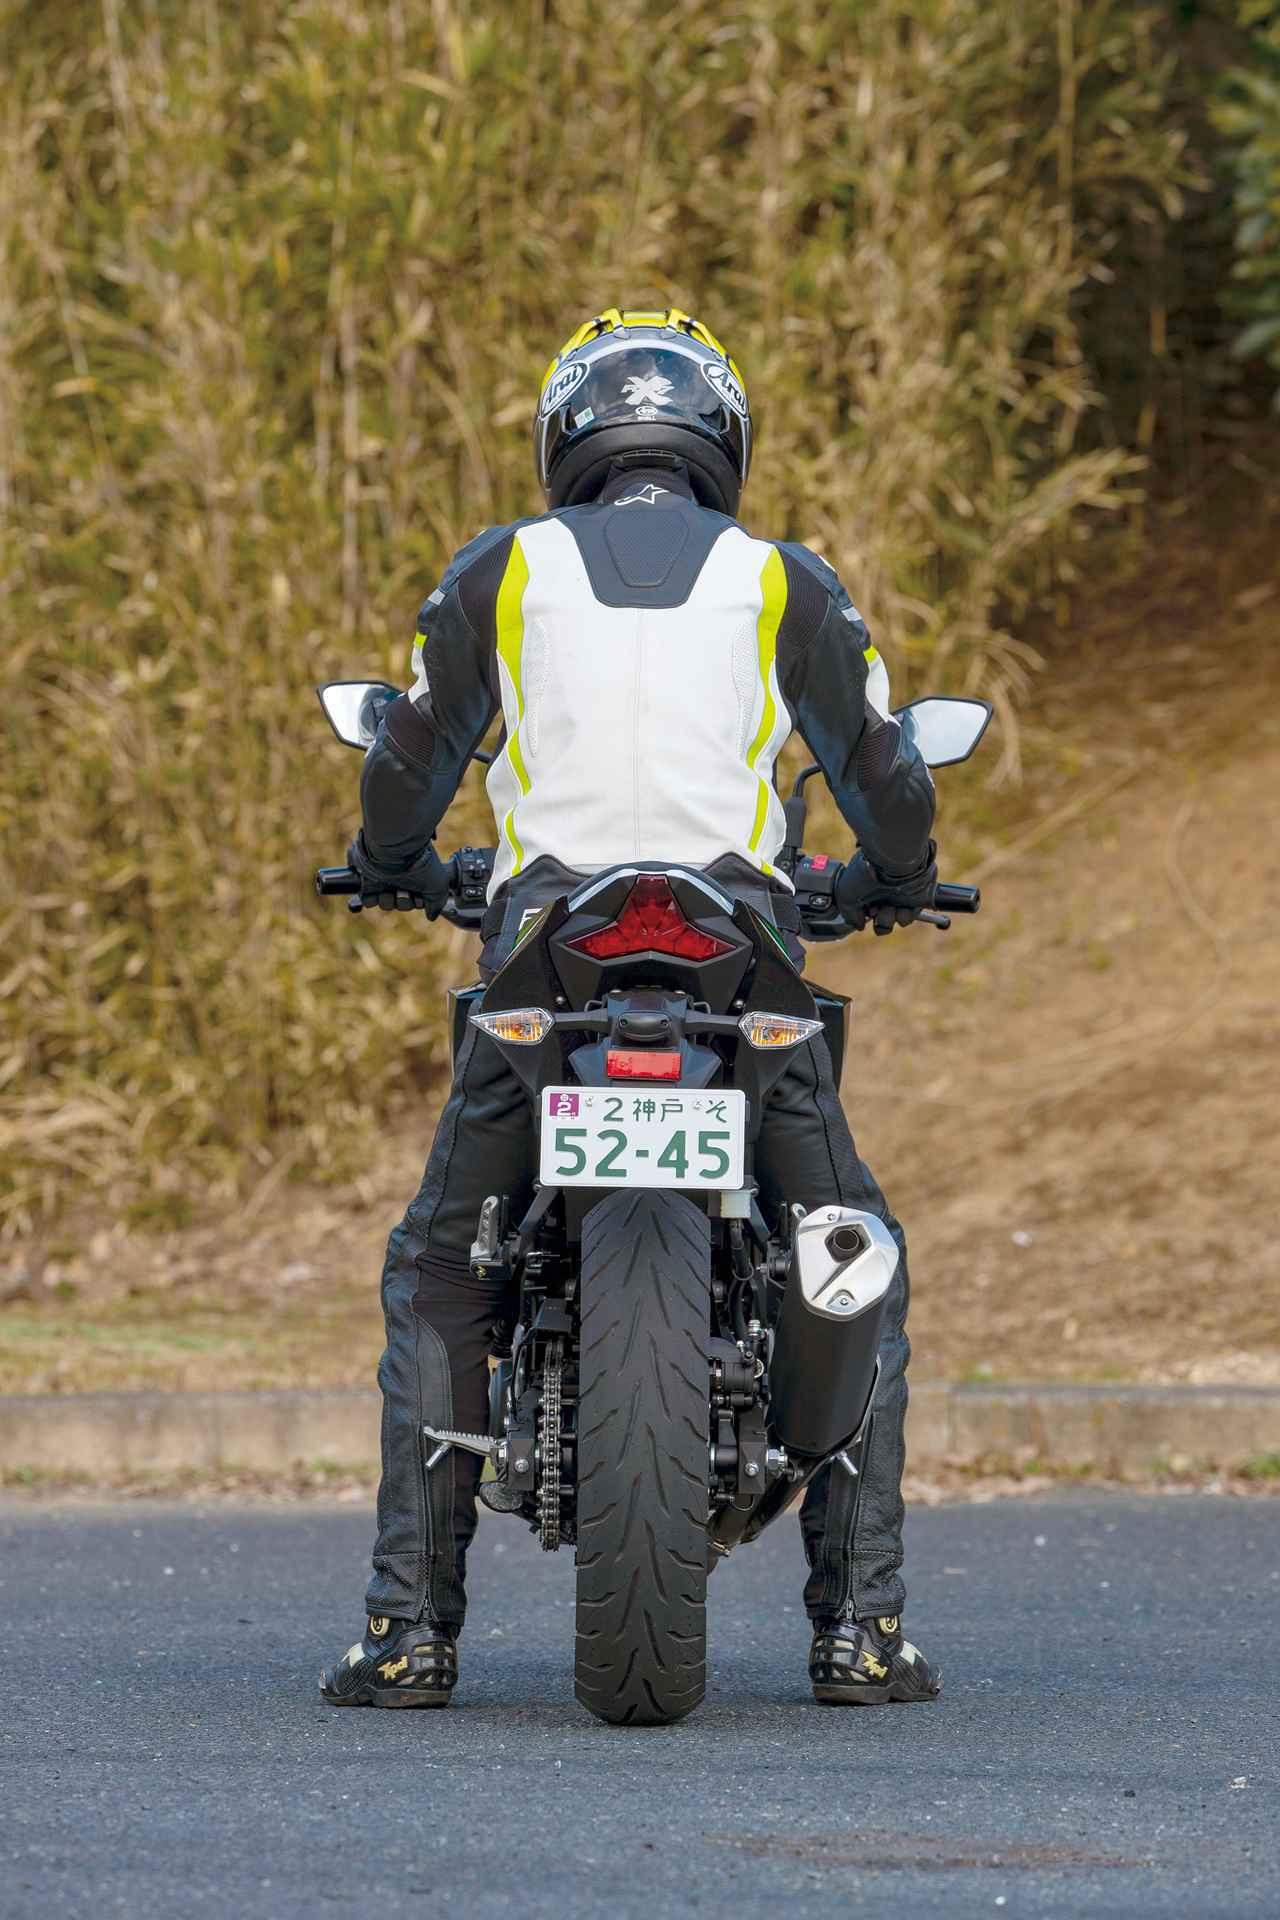 画像3: 【250ccスポーツバイク比較検証】Ninja ZX-25R・CBR250RR・YZF-R25・Ninja250・GSX250R〈装備・メーター・足つき性編〉